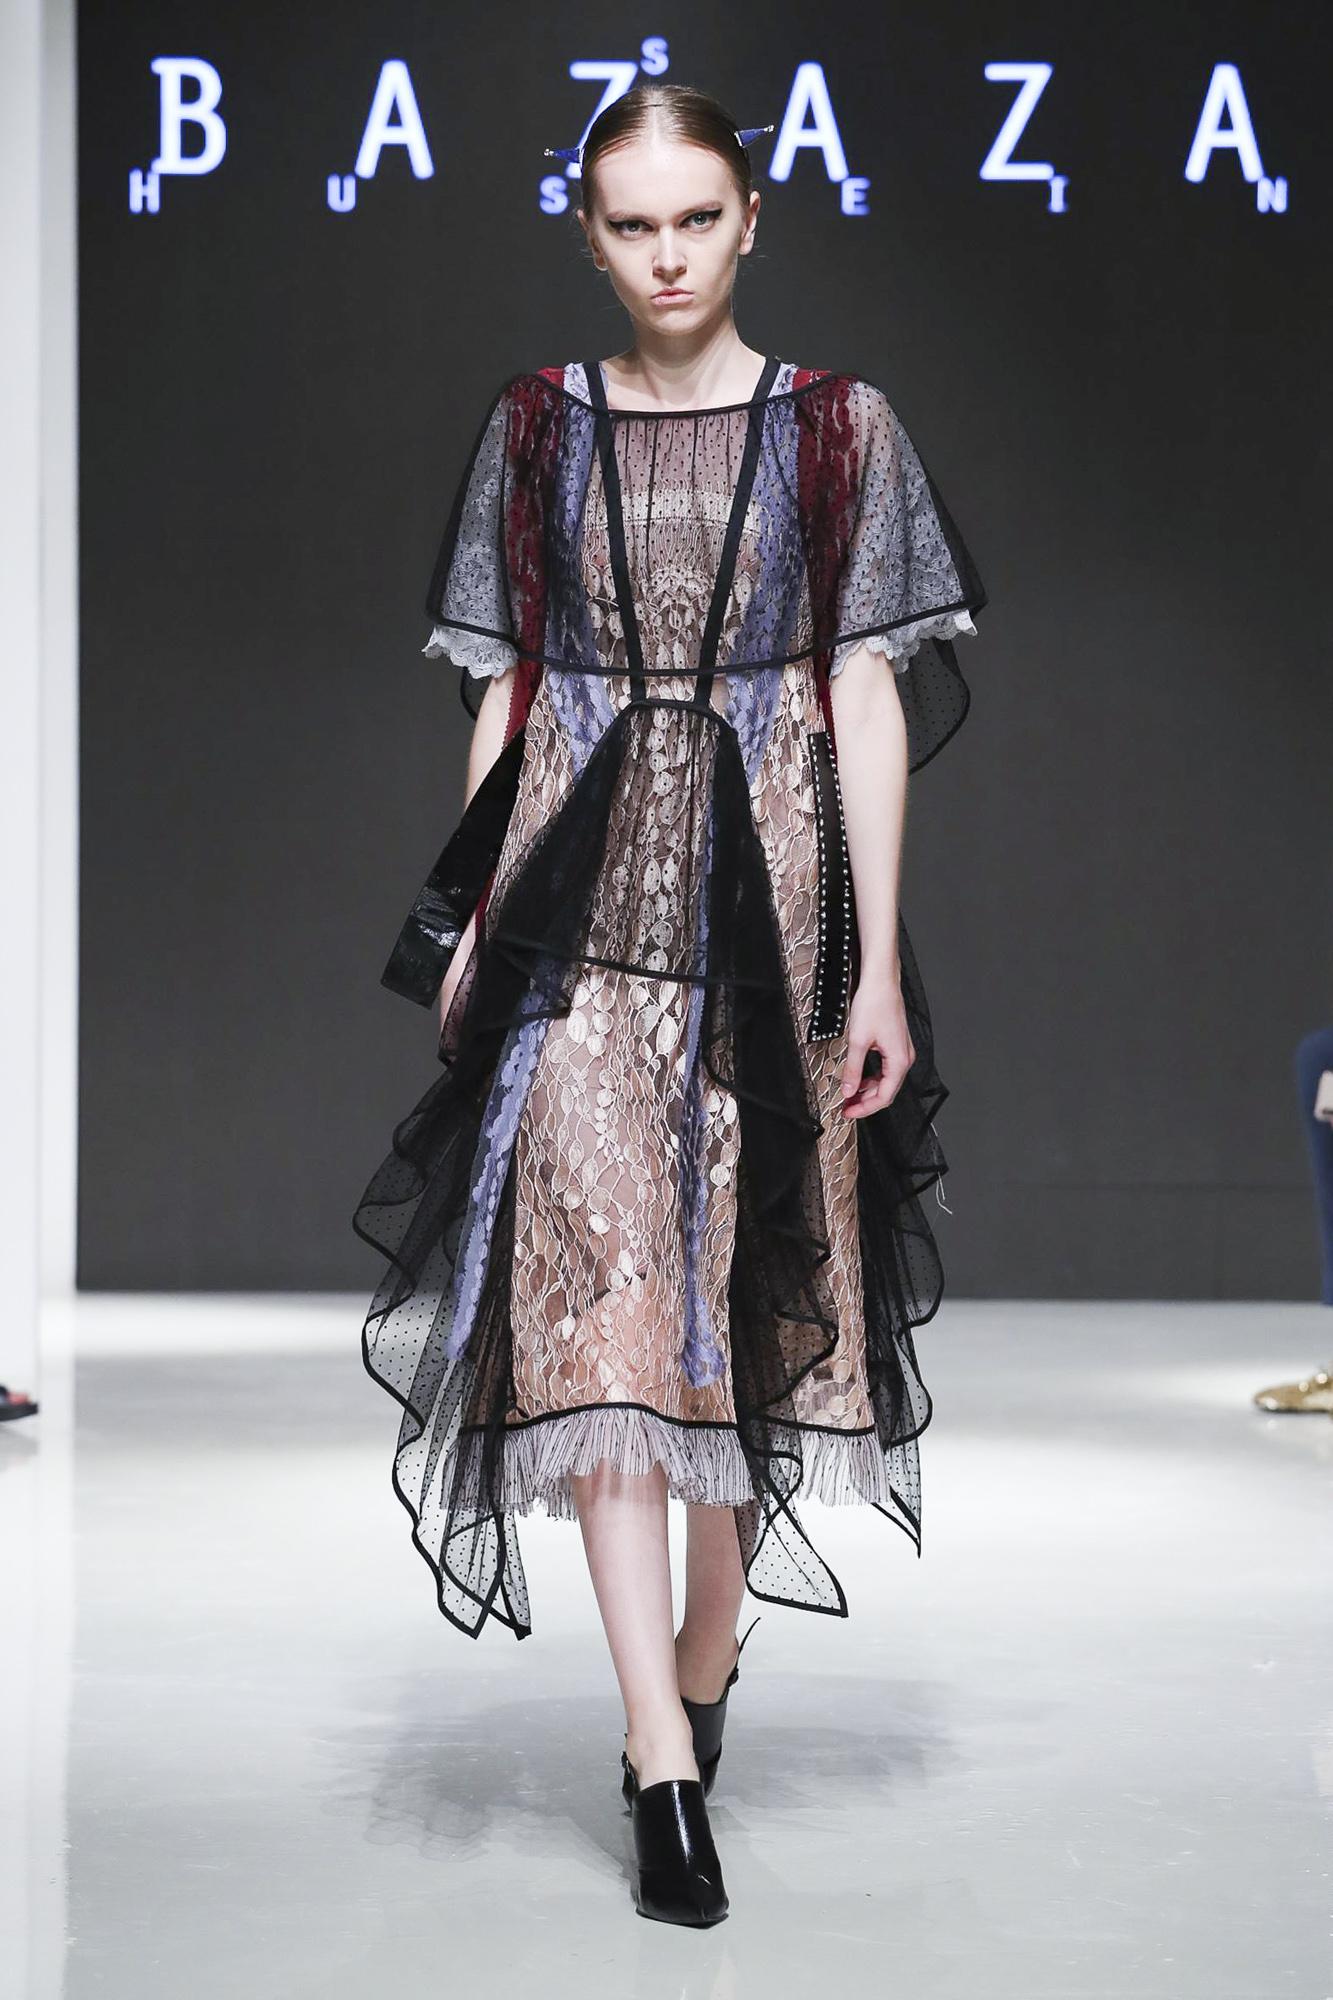 Hussein Bazaza fashion show, Arab Fashion Week collection Spring Summer 2020 in Dubai